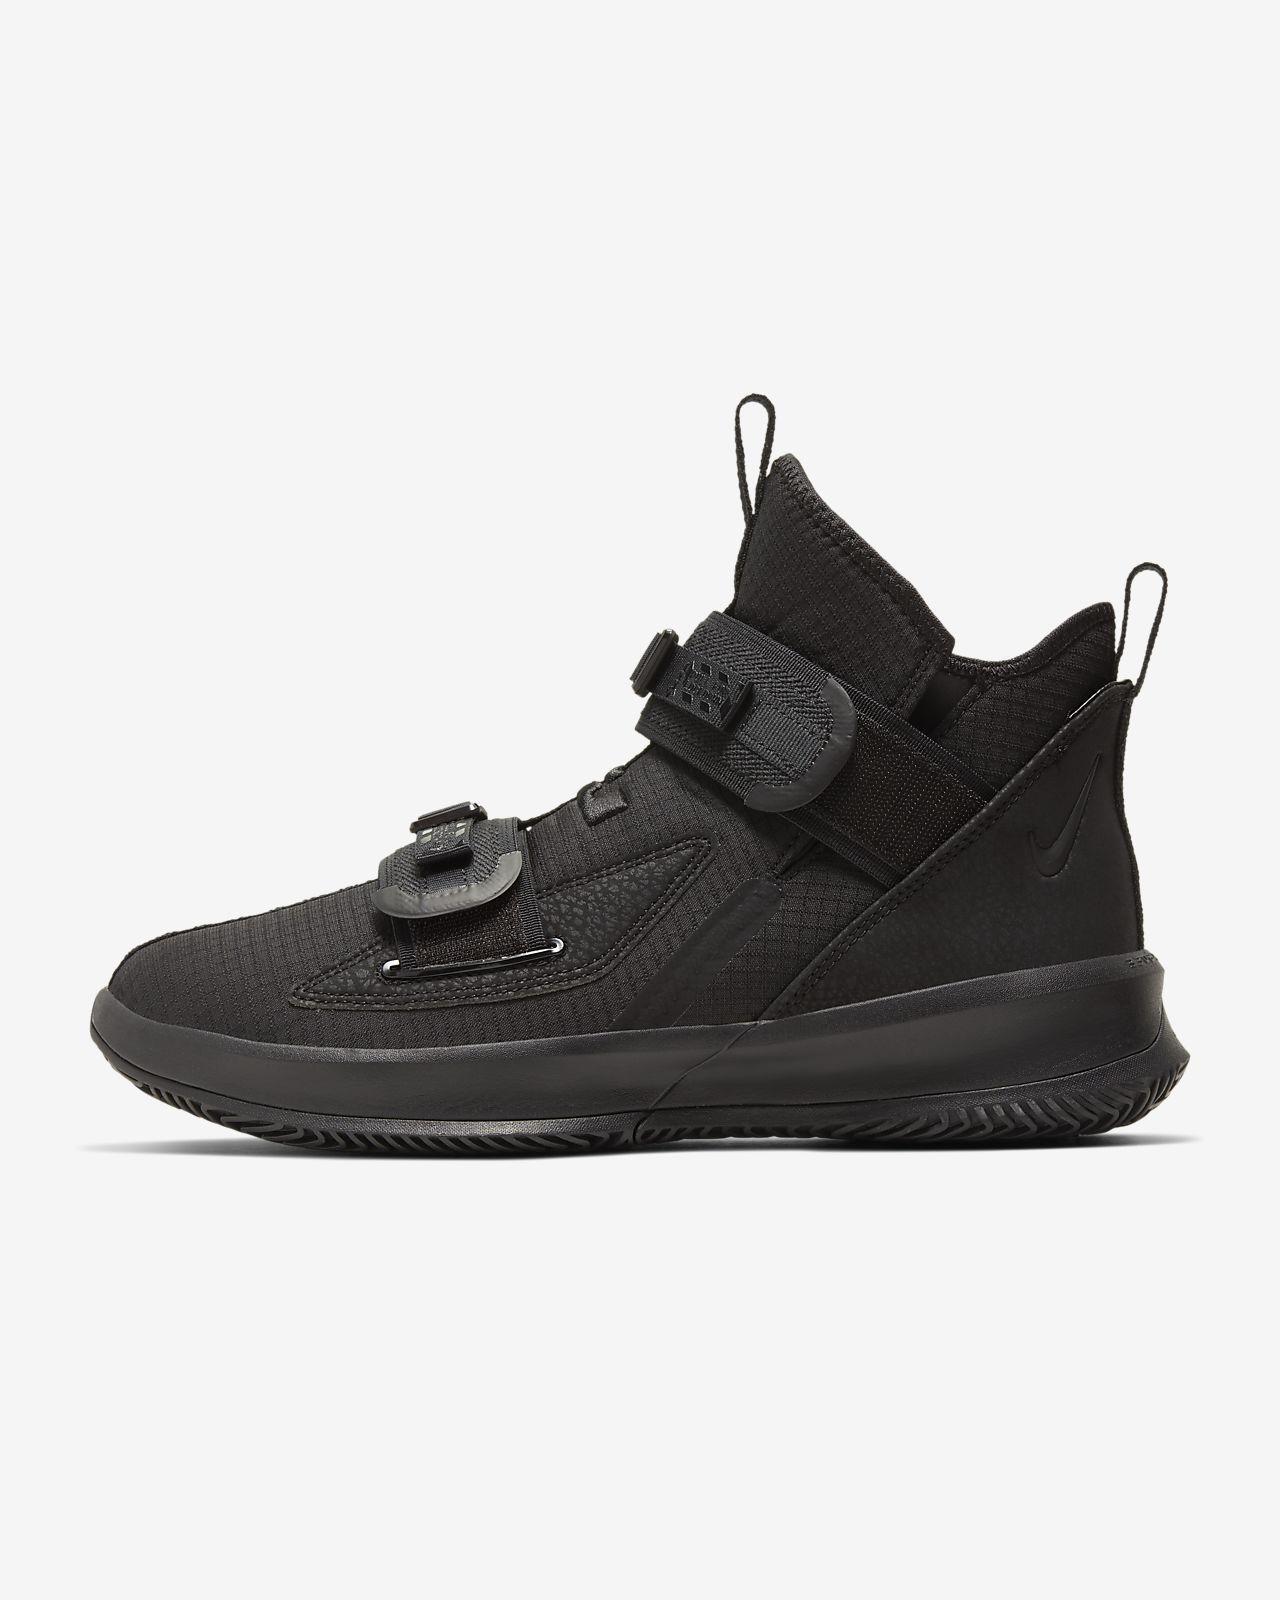 Баскетбольные кроссовки LeBron Soldier 13 SFG